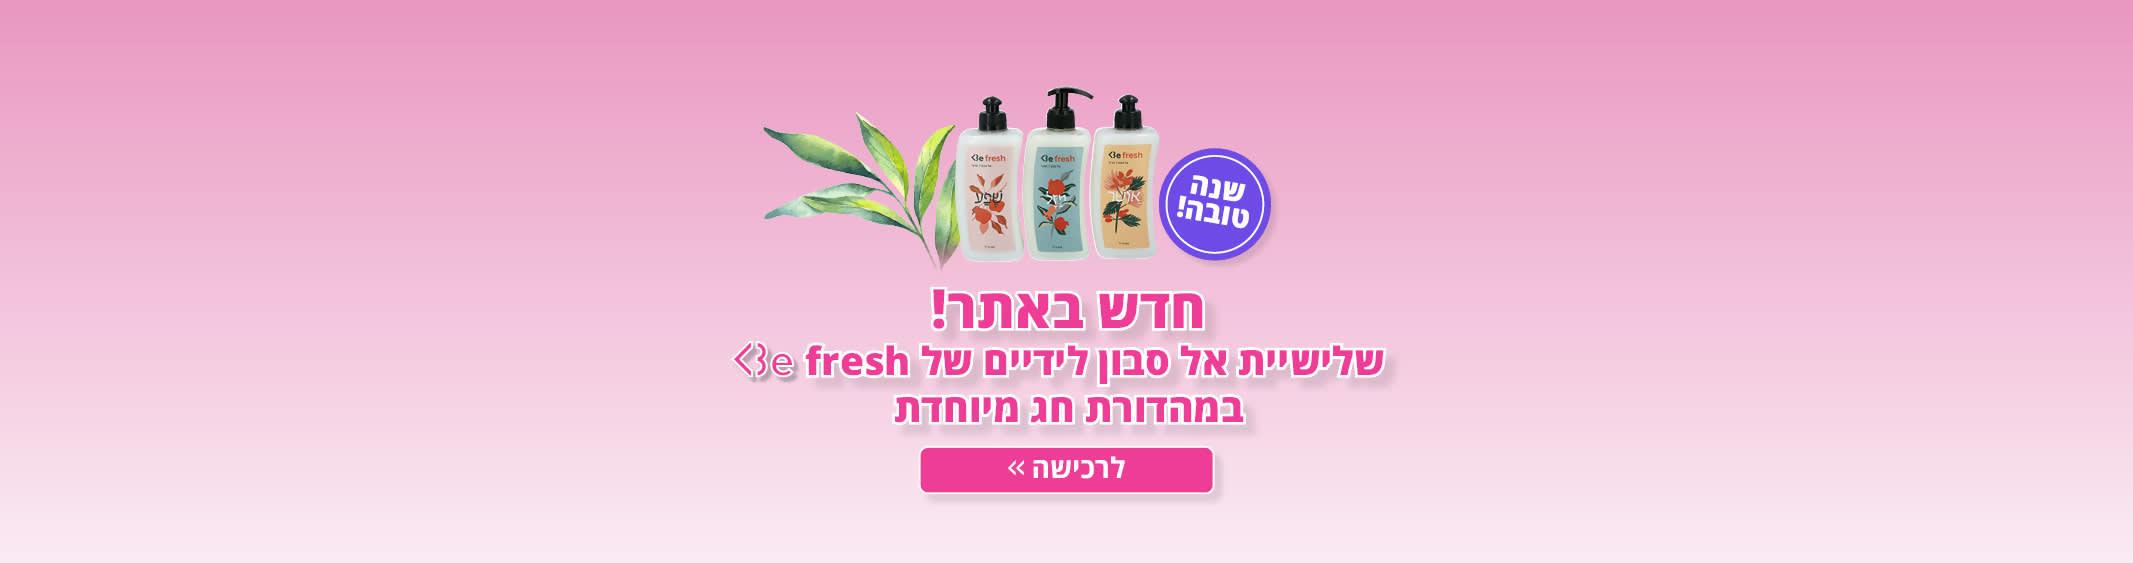 חדש באתר ! שלישית אל סבון לידיים של Be fresh במהדורת חג מיוחדת. לרכישה>>